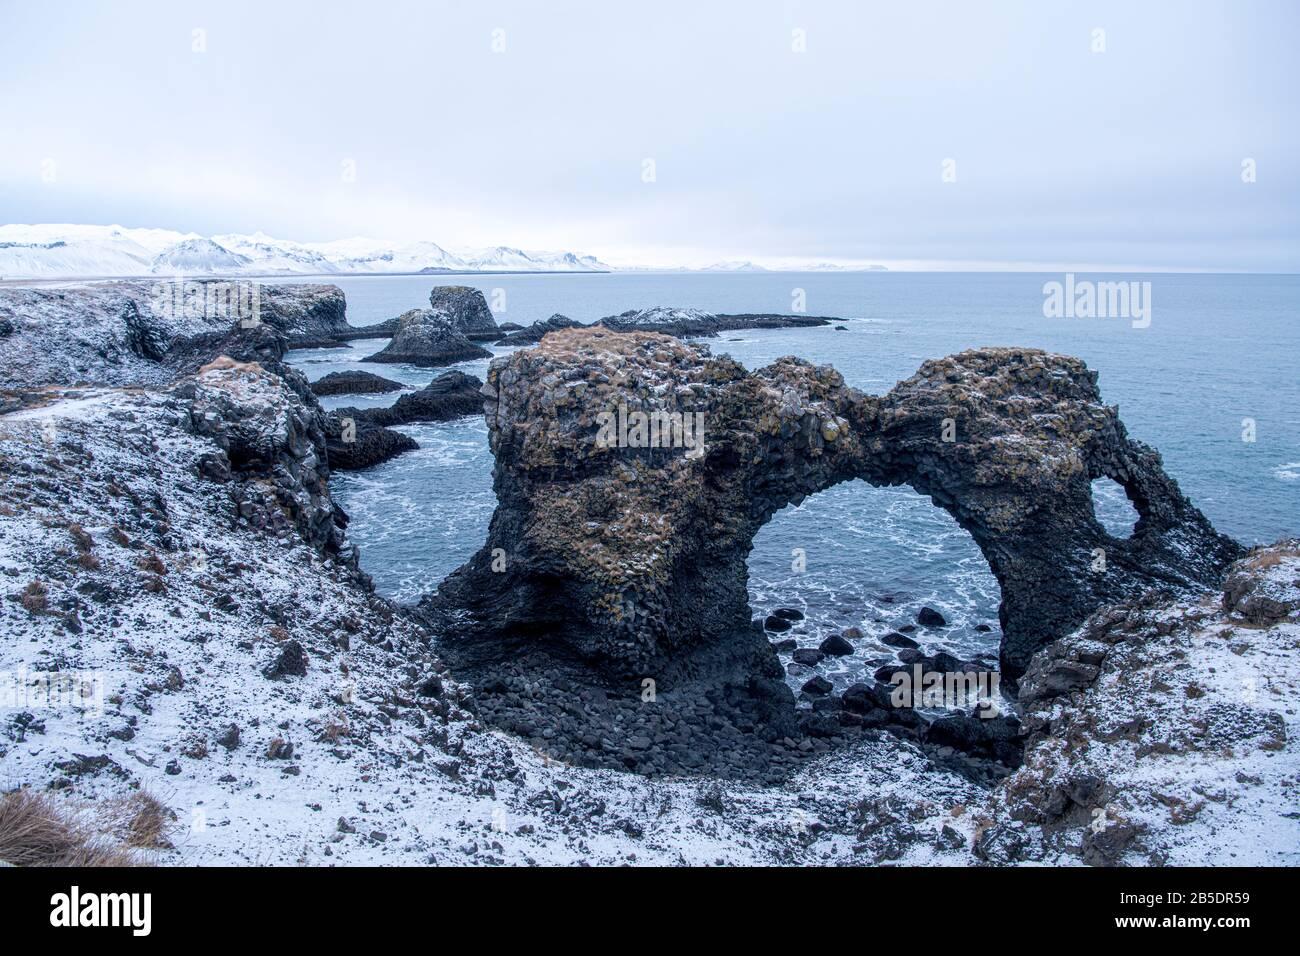 Islandia lugares impresionantes, Islandia destino de viaje hermosa islandia, Reykjavik capital de islandia Foto de stock